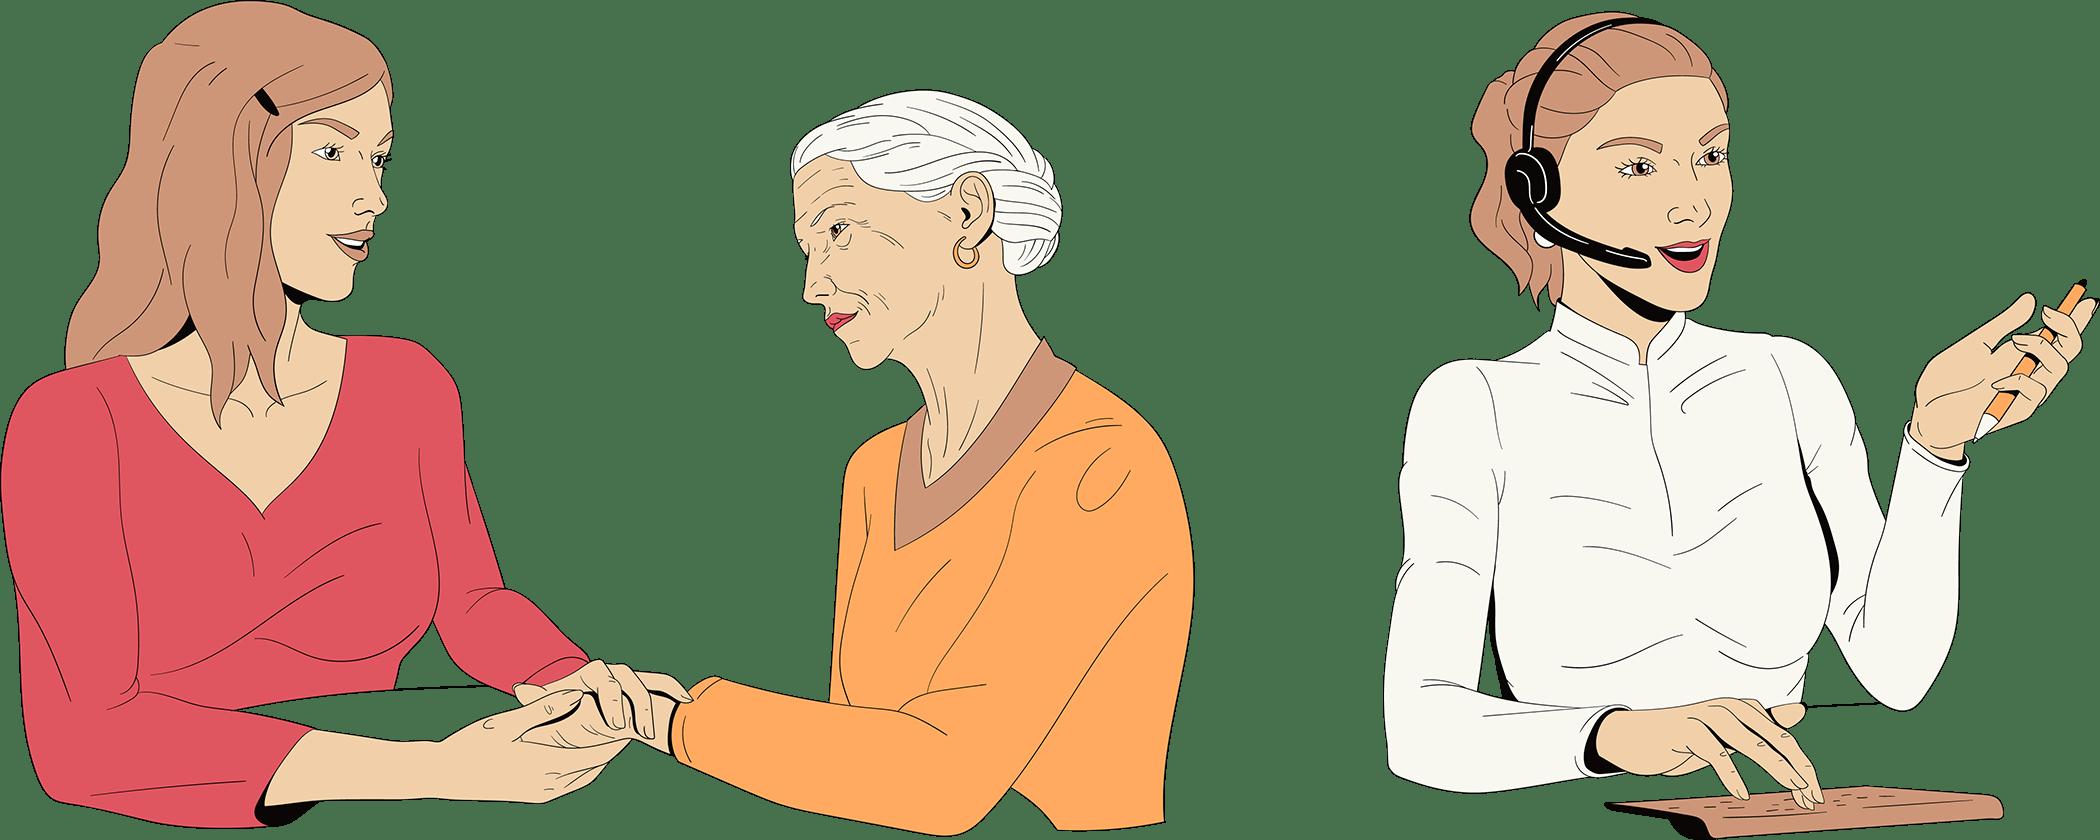 Een vrouw investeert in haarzelf. Haalt contacten met familie aan of focust zich op haar werk.